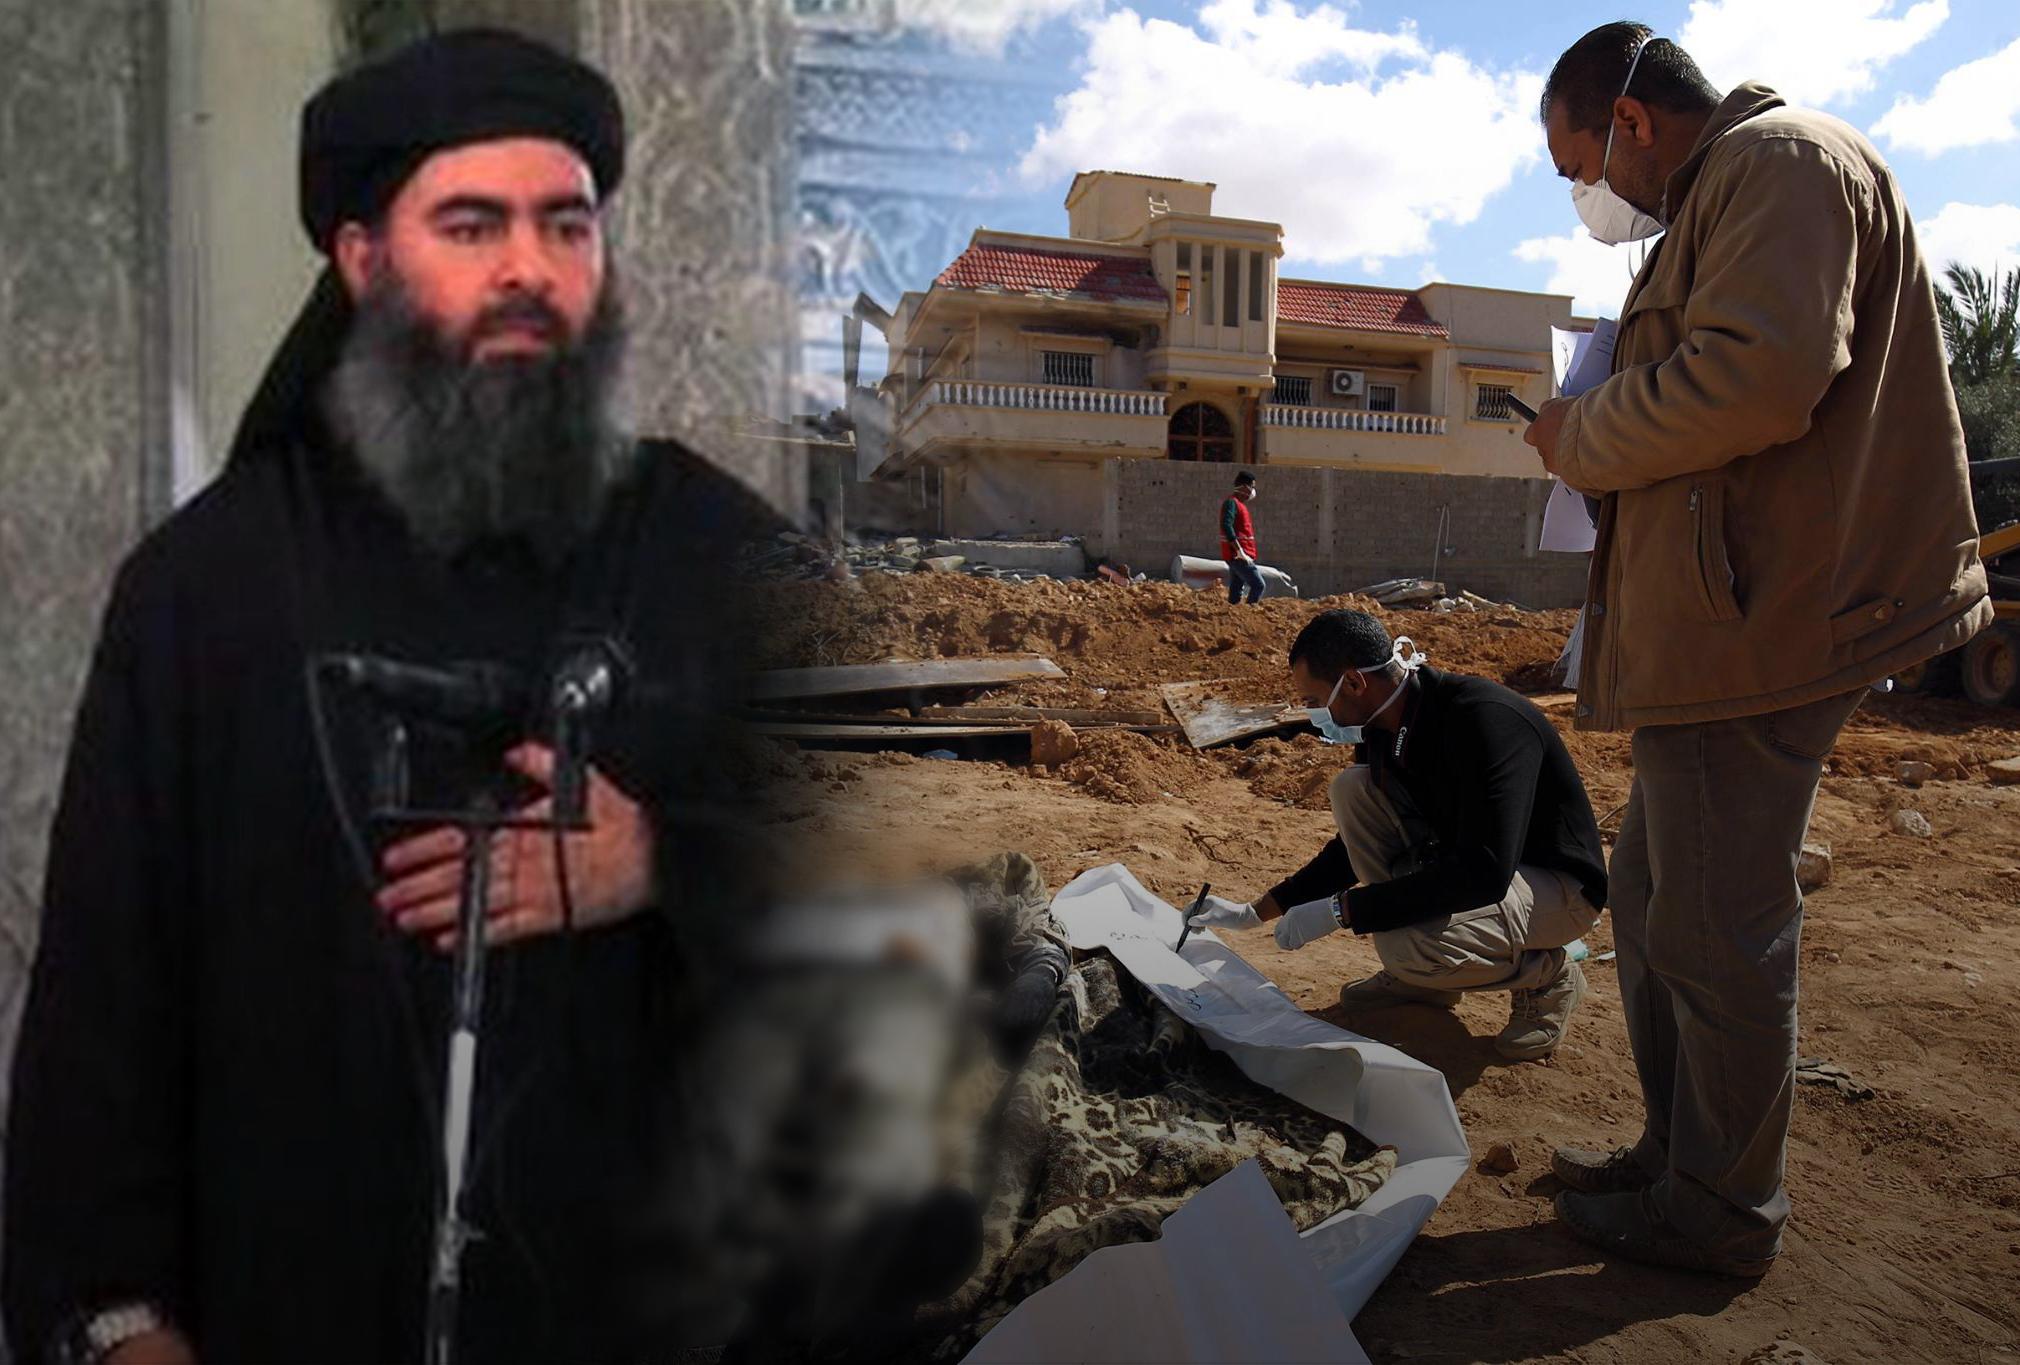 هدايا البغدادي لـداعش ليبيا.. جثث و أعشاب جافة